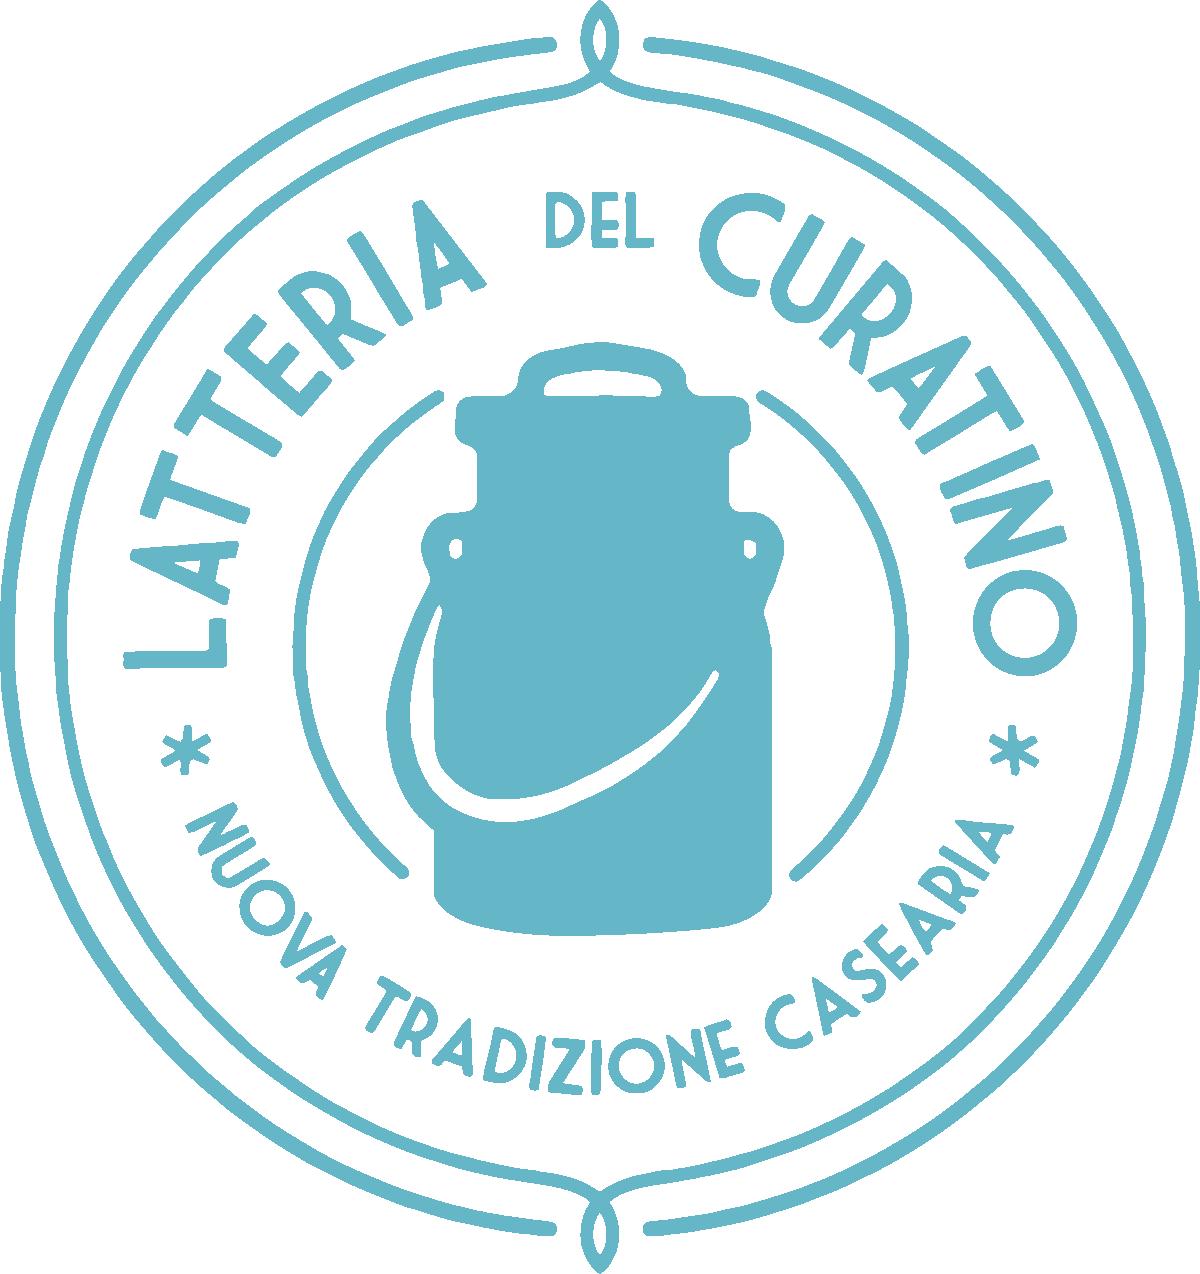 LATTERIA DEL CURATINO